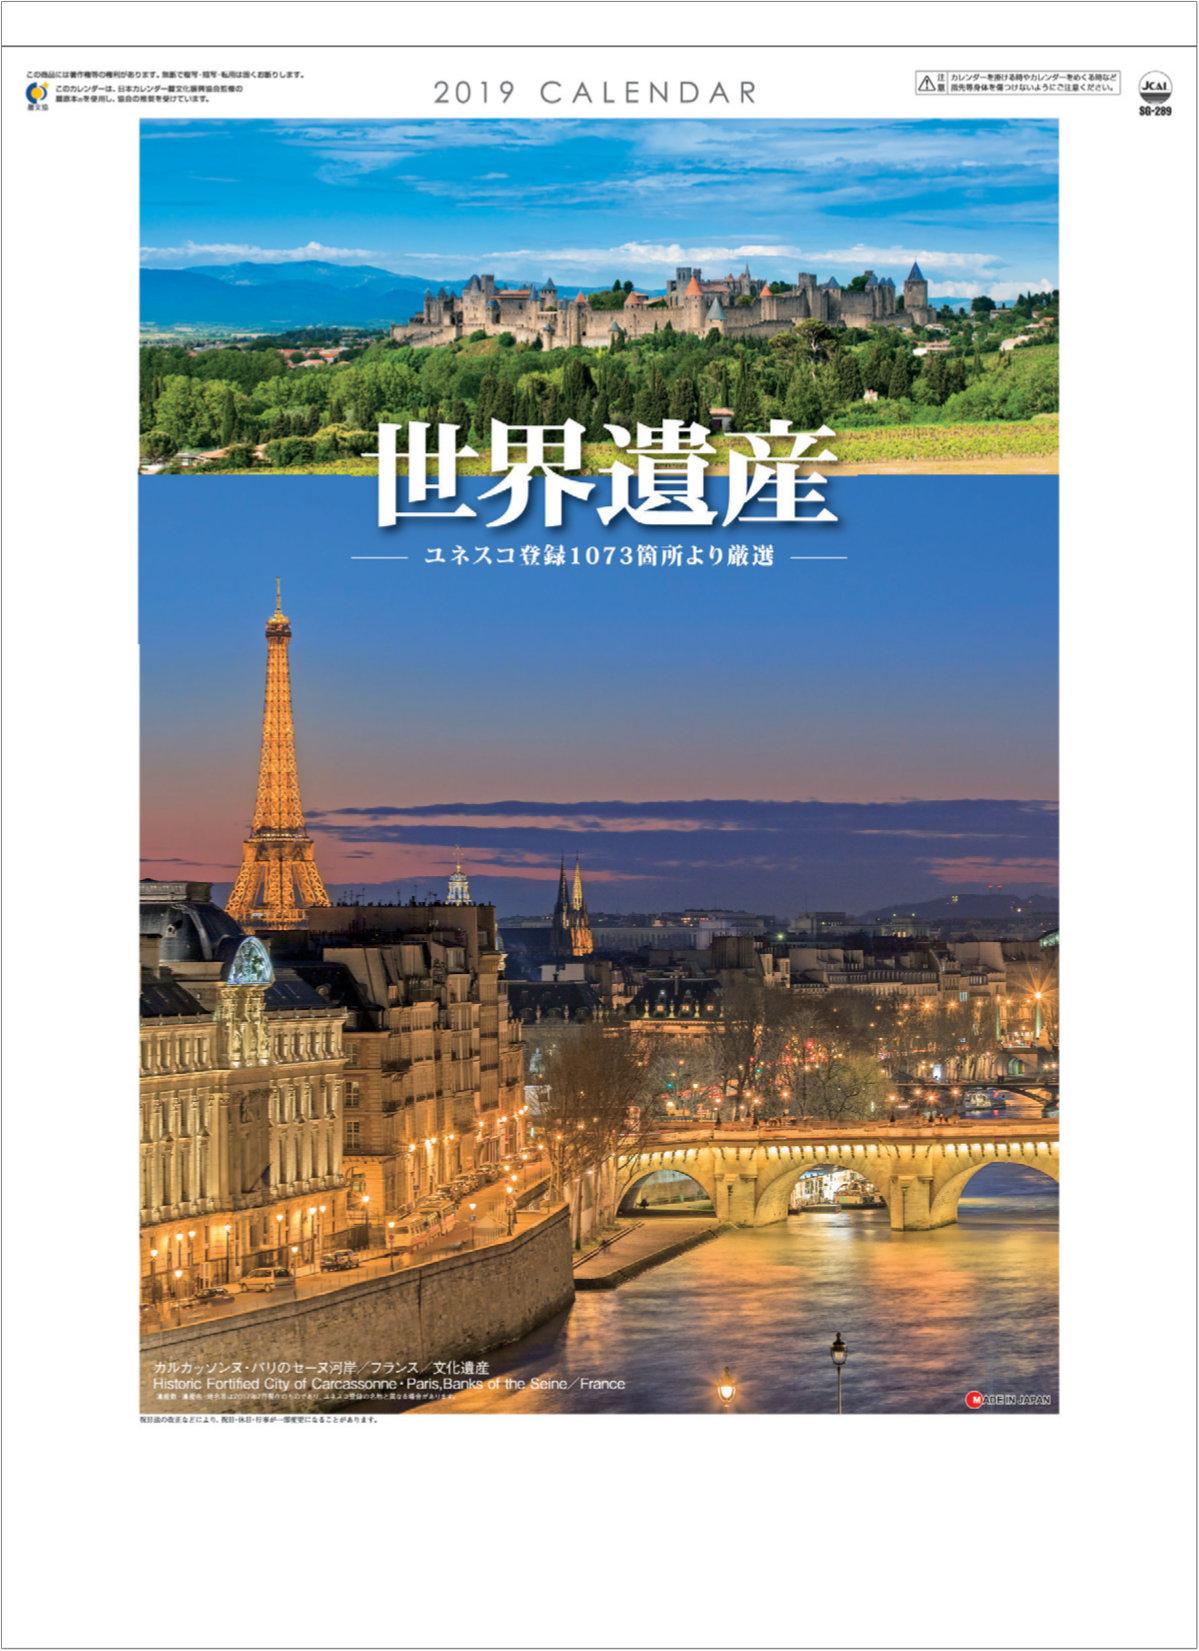 表紙 ユネスコ世界遺産 2019年カレンダーの画像